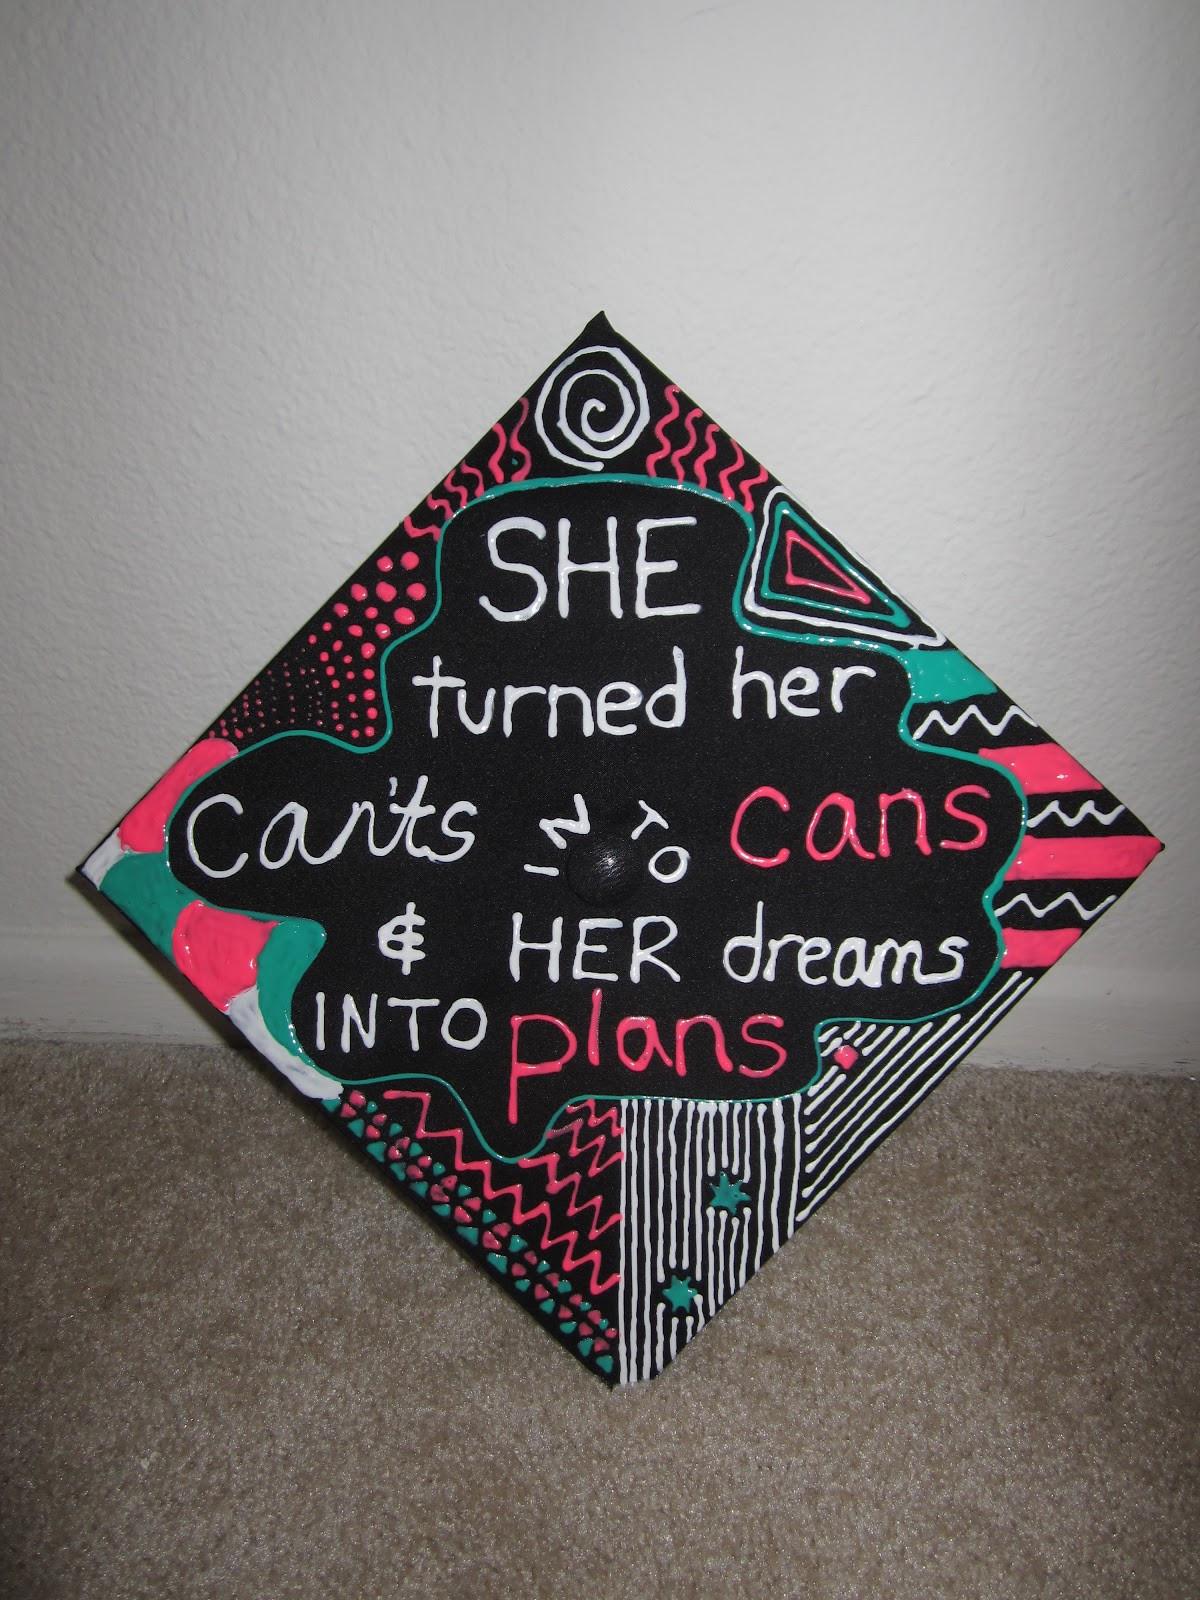 Quotes To Put On Graduation Cap  Graduation Cap Quotes QuotesGram